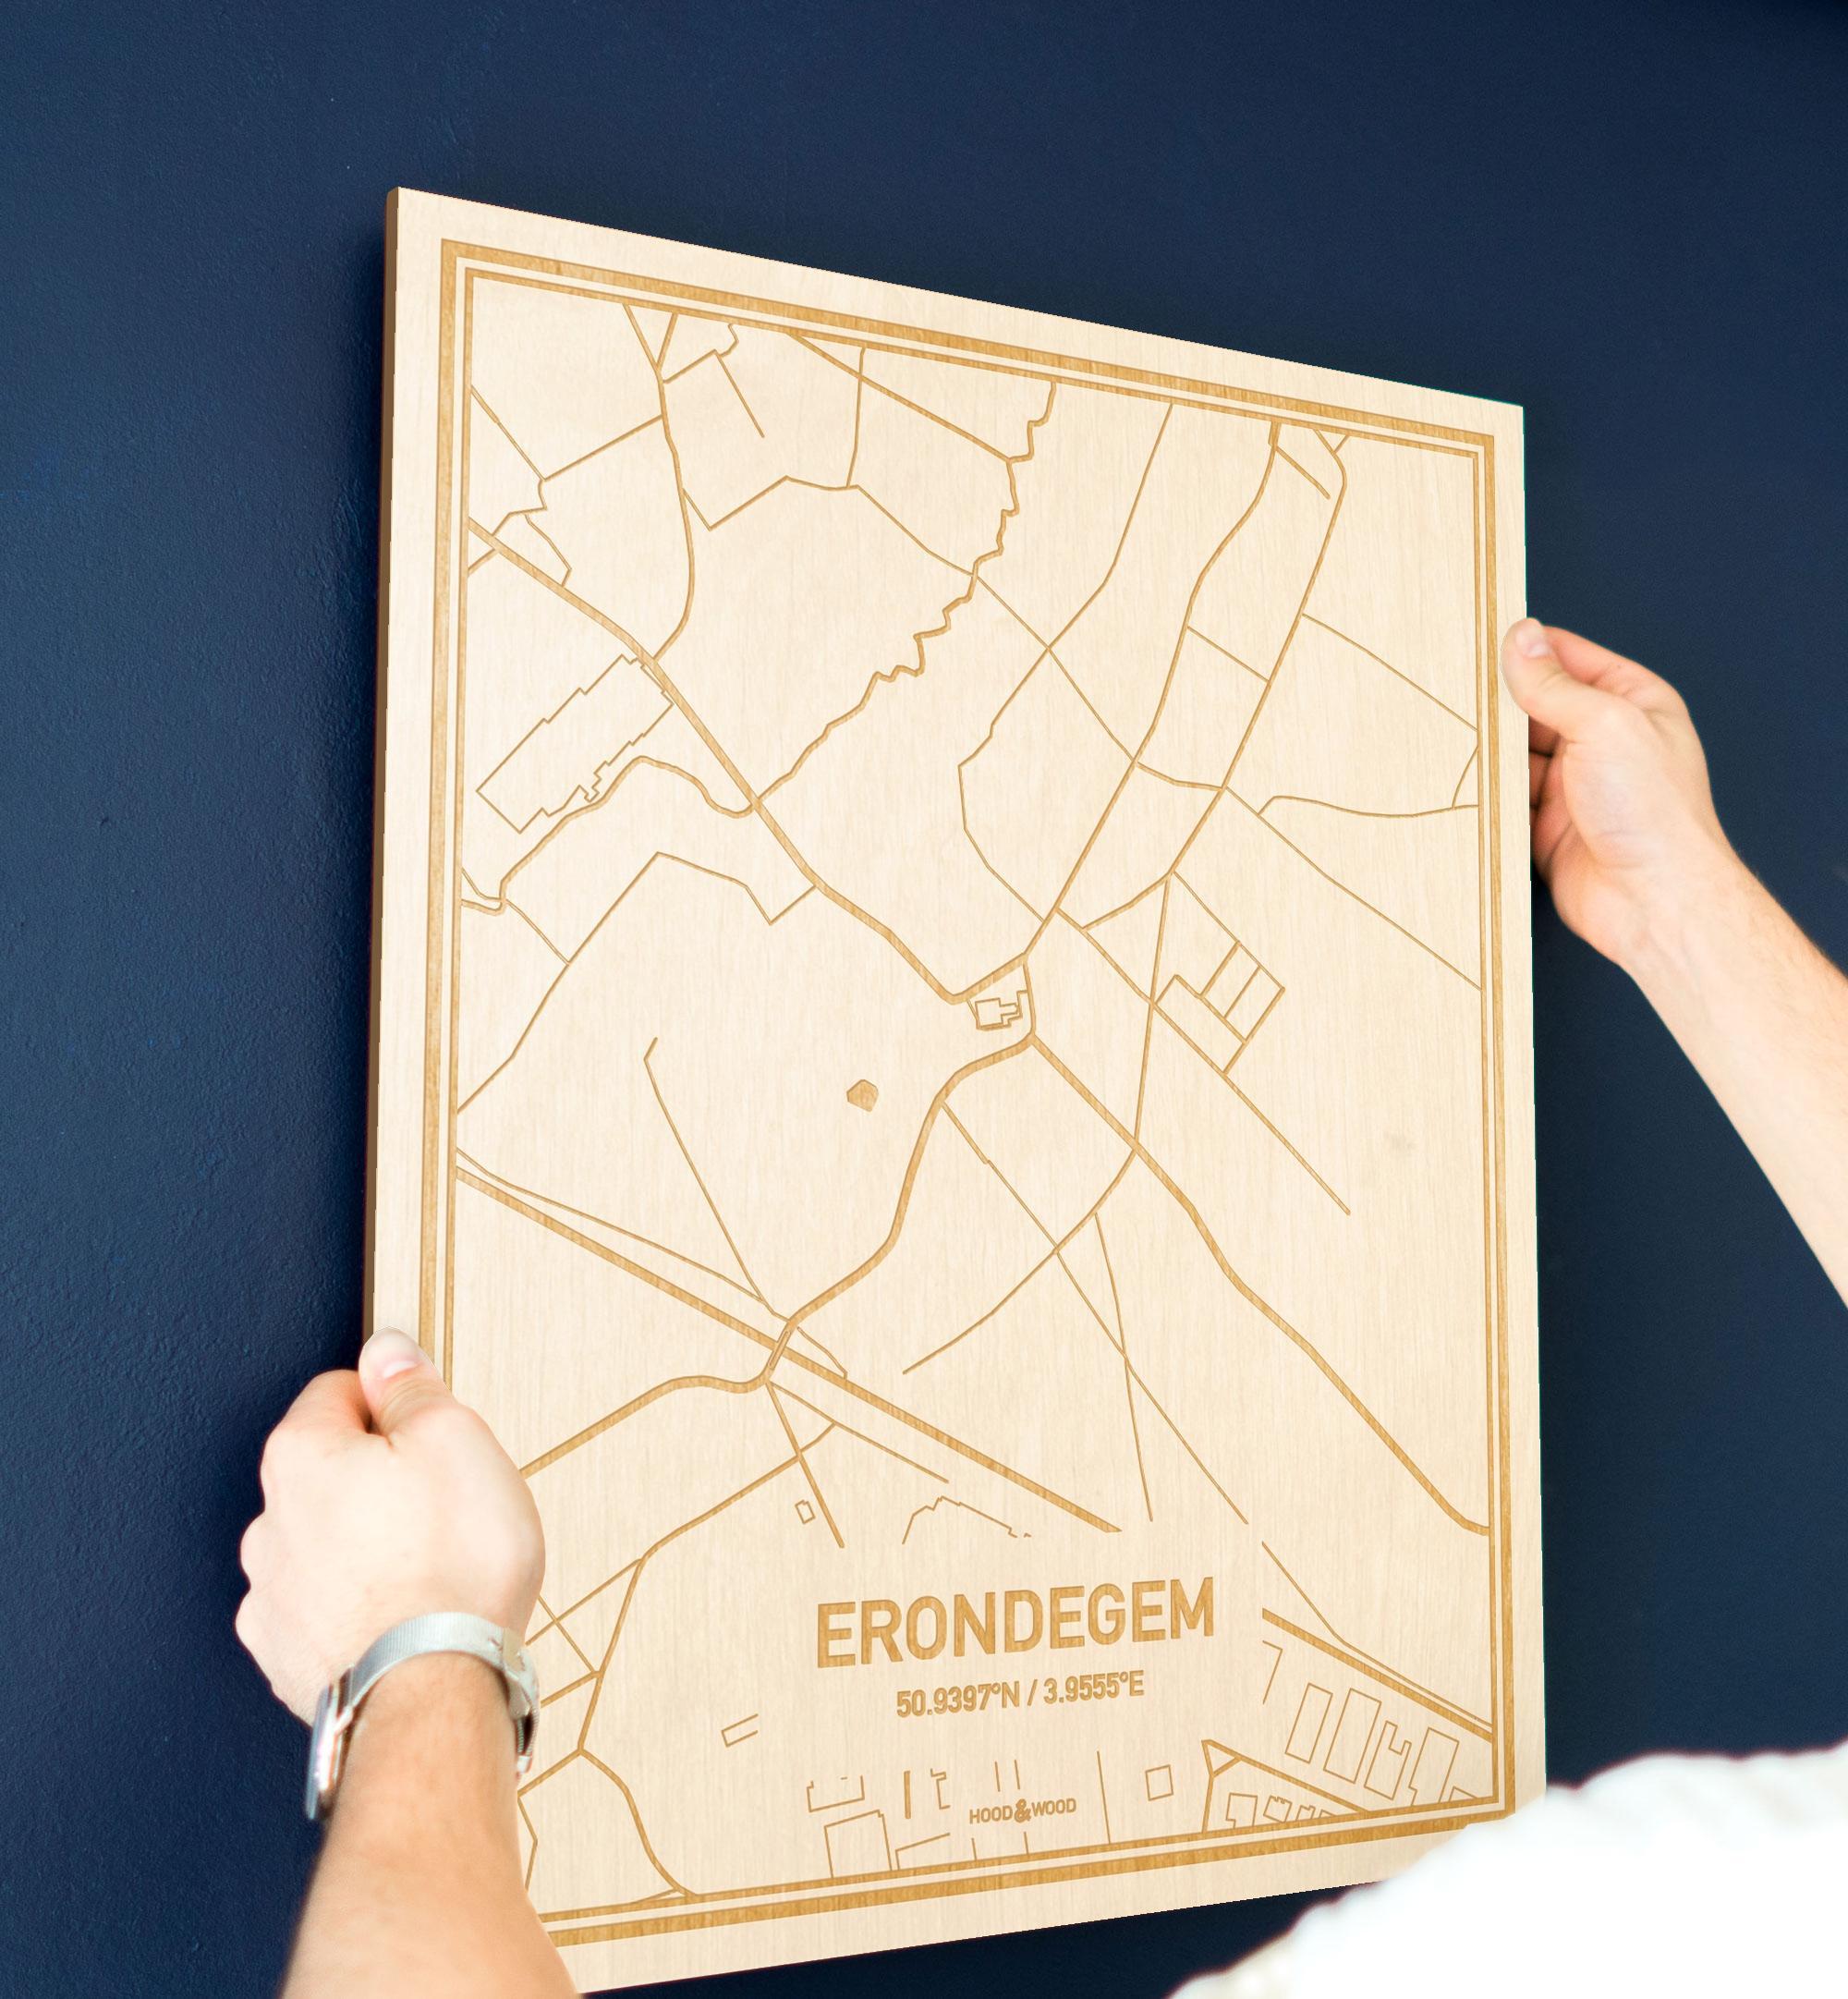 Een man hangt de houten plattegrond Erondegem aan zijn blauwe muur ter decoratie. Je ziet alleen zijn handen de kaart van deze opvallende in Oost-Vlaanderen  vasthouden.